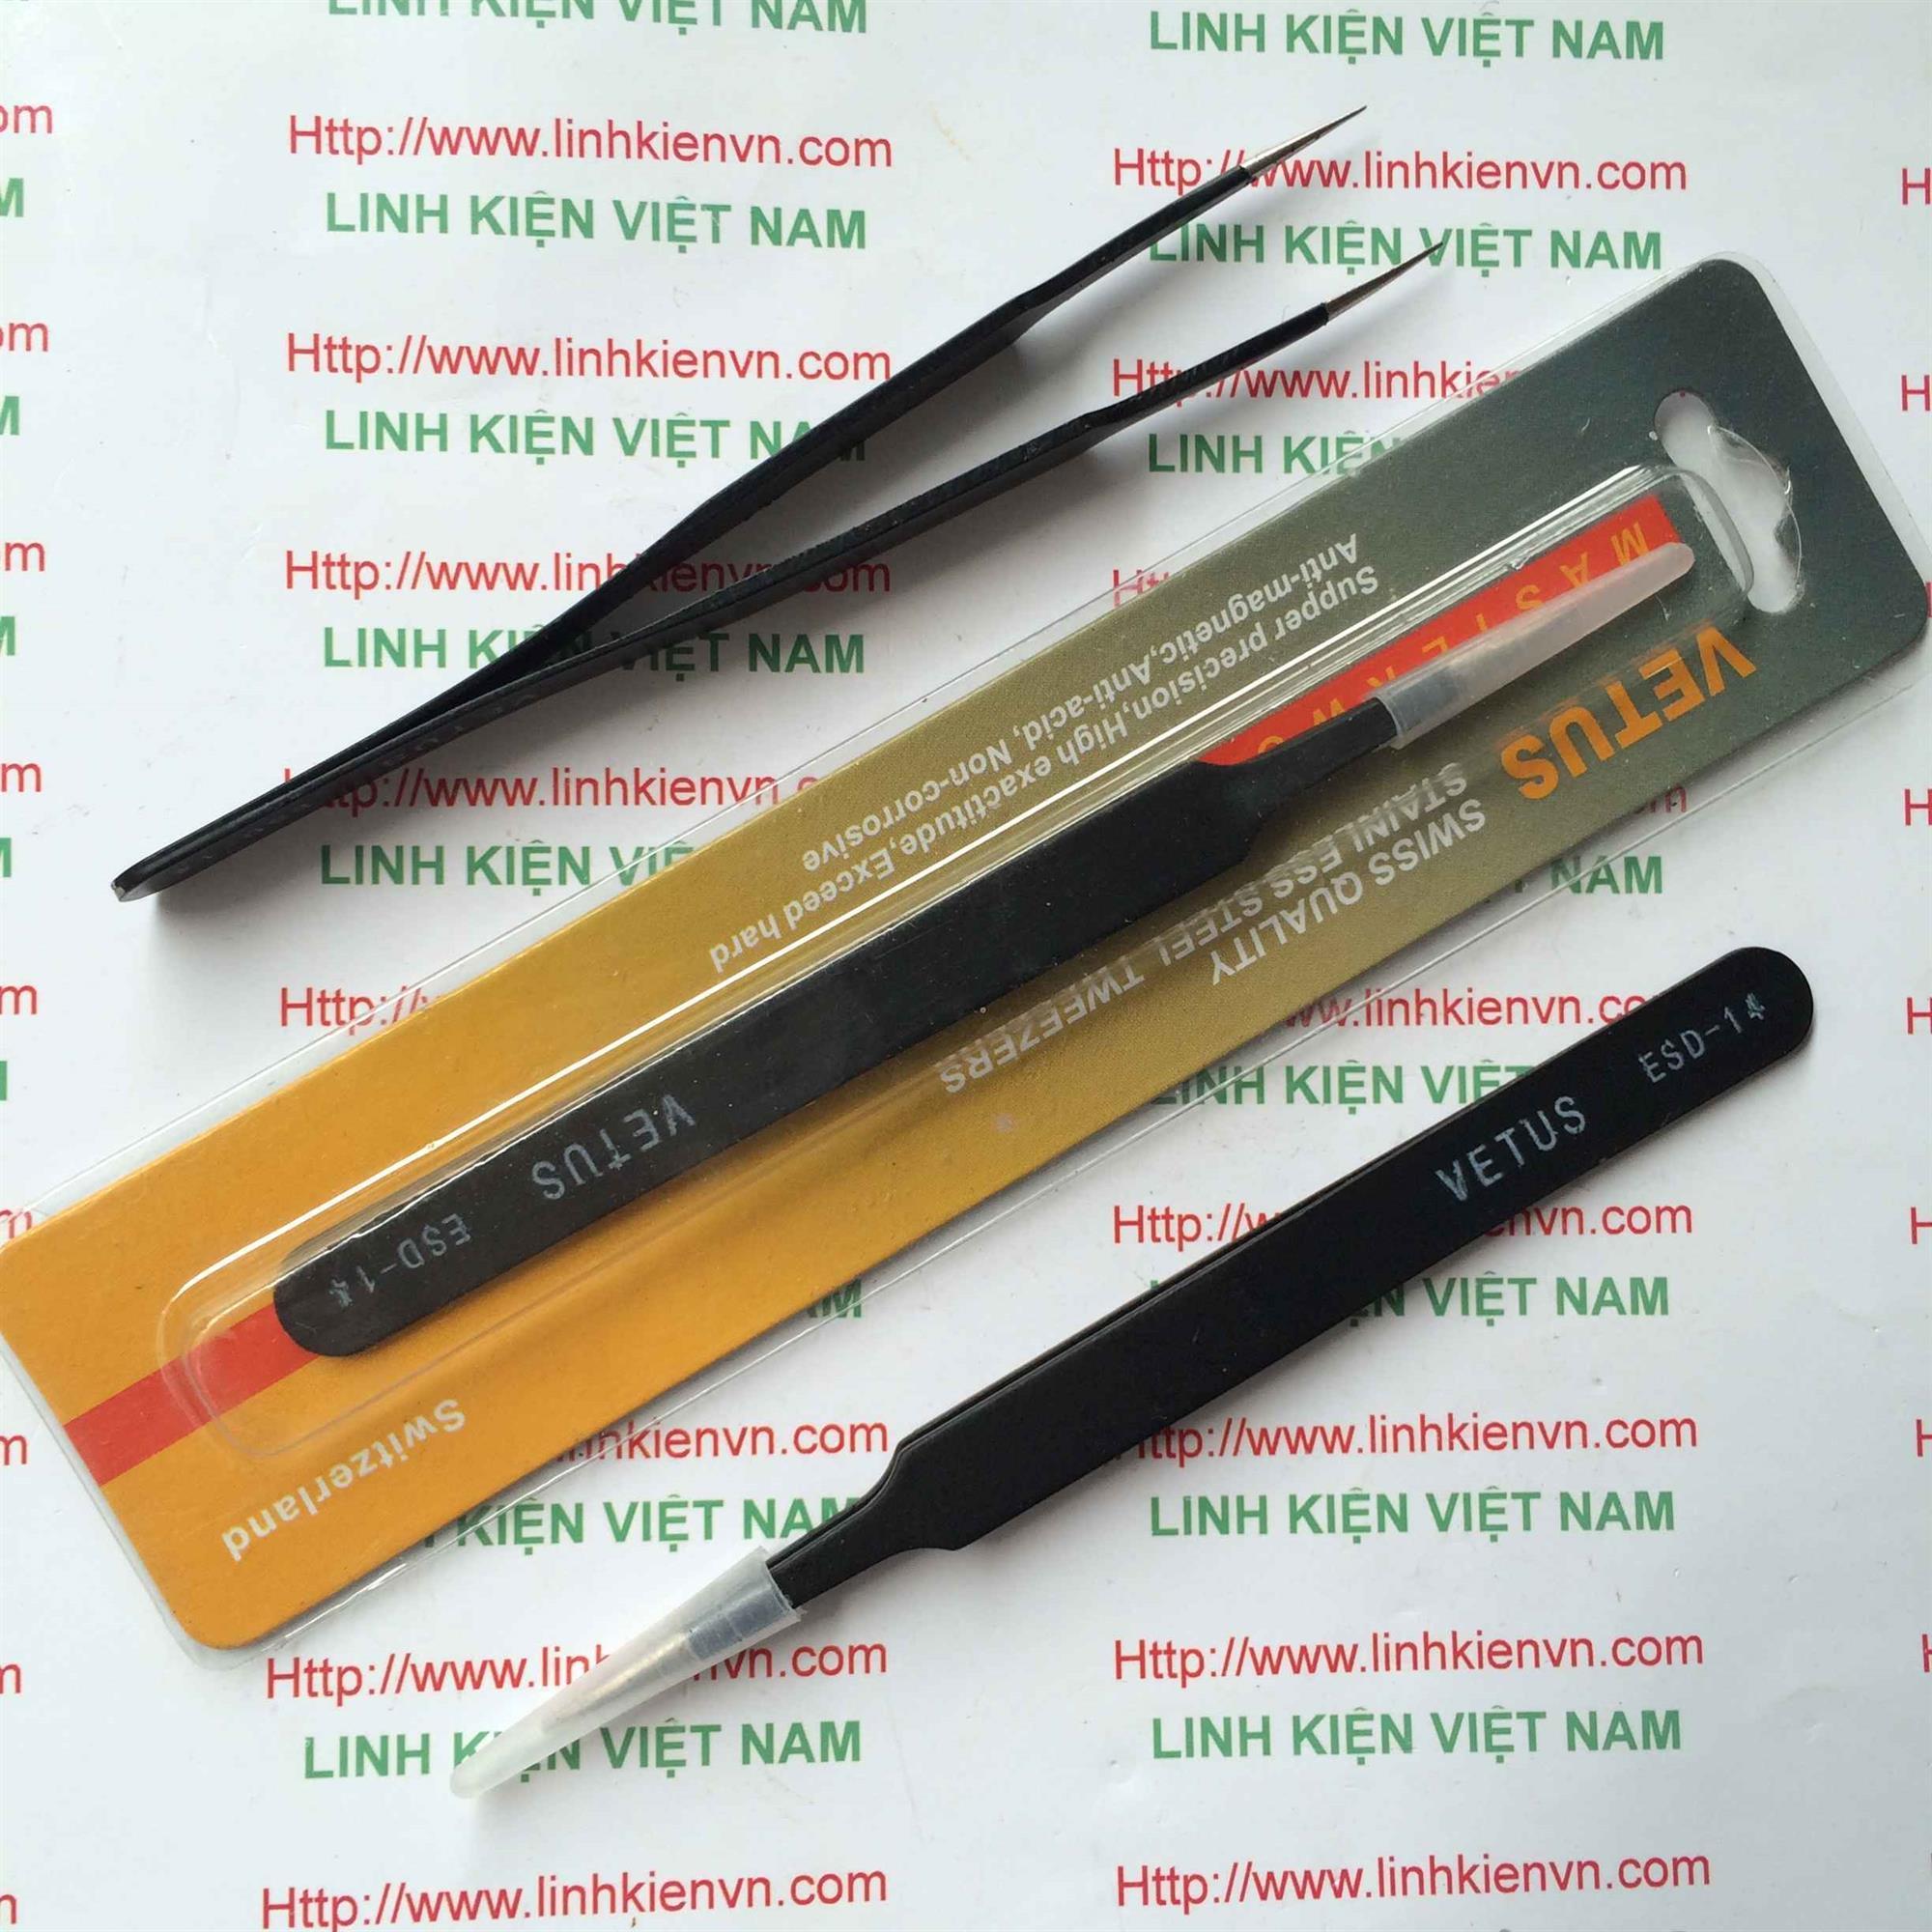 Pank kẹp linh kiện thẳng VETUS ESD-14 màu đen - GIÁ